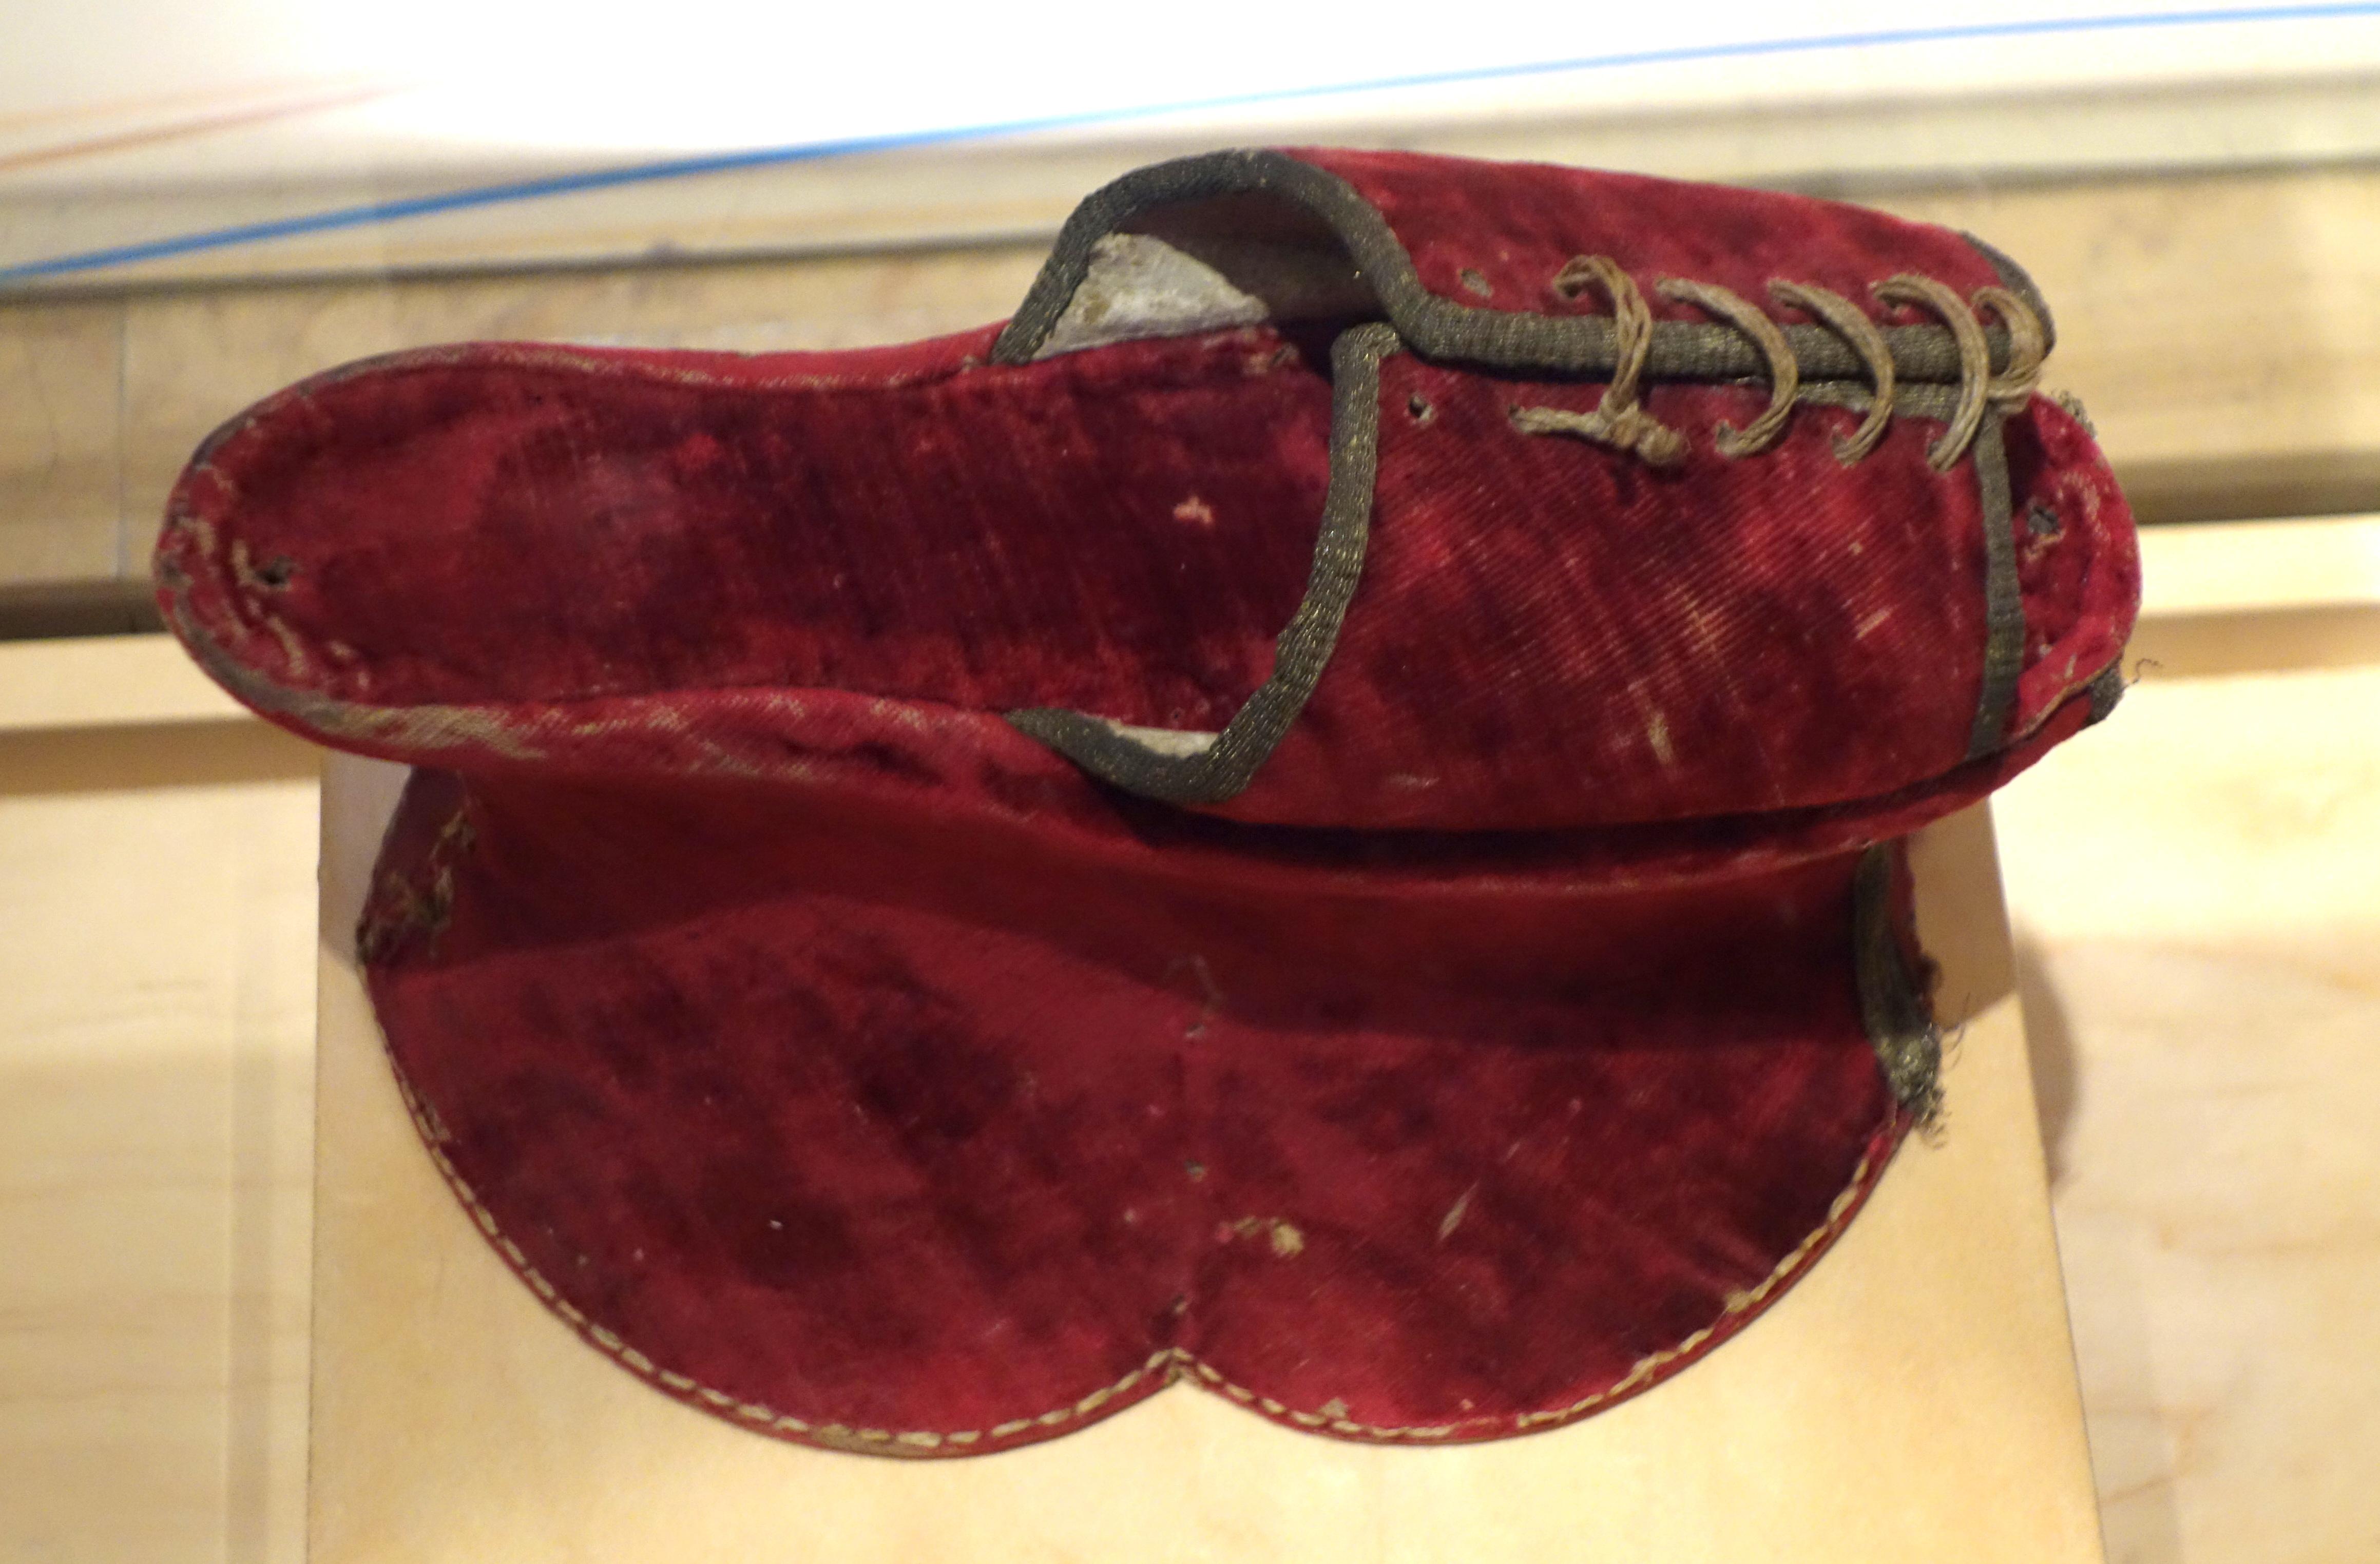 Italian Shoe Size To Uk